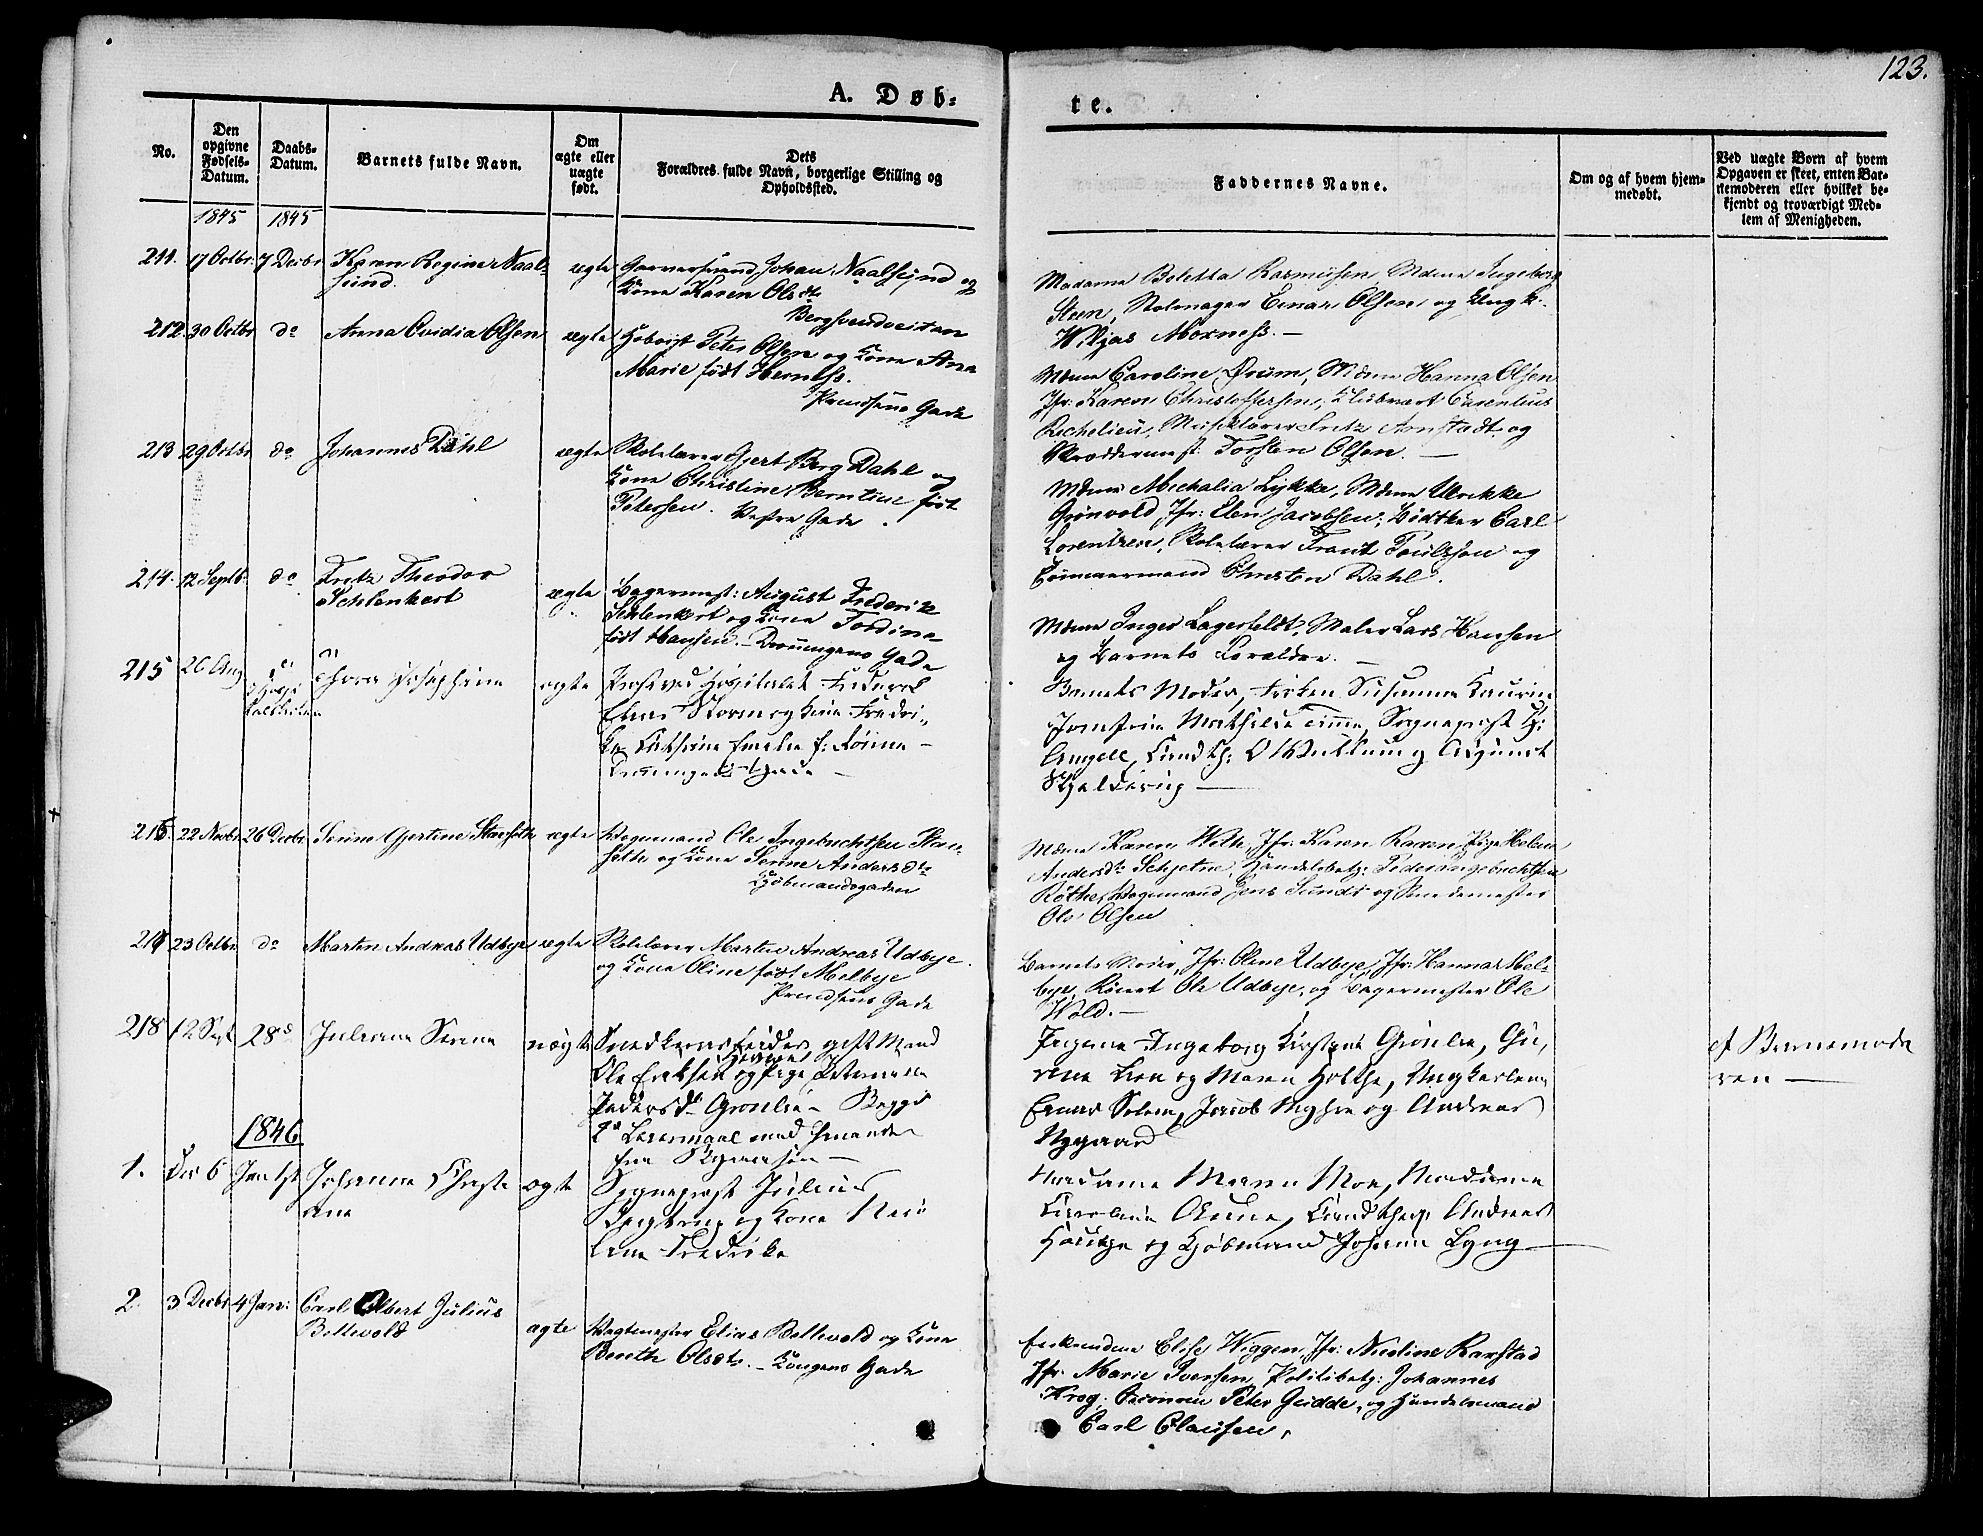 SAT, Ministerialprotokoller, klokkerbøker og fødselsregistre - Sør-Trøndelag, 601/L0048: Ministerialbok nr. 601A16, 1840-1847, s. 123